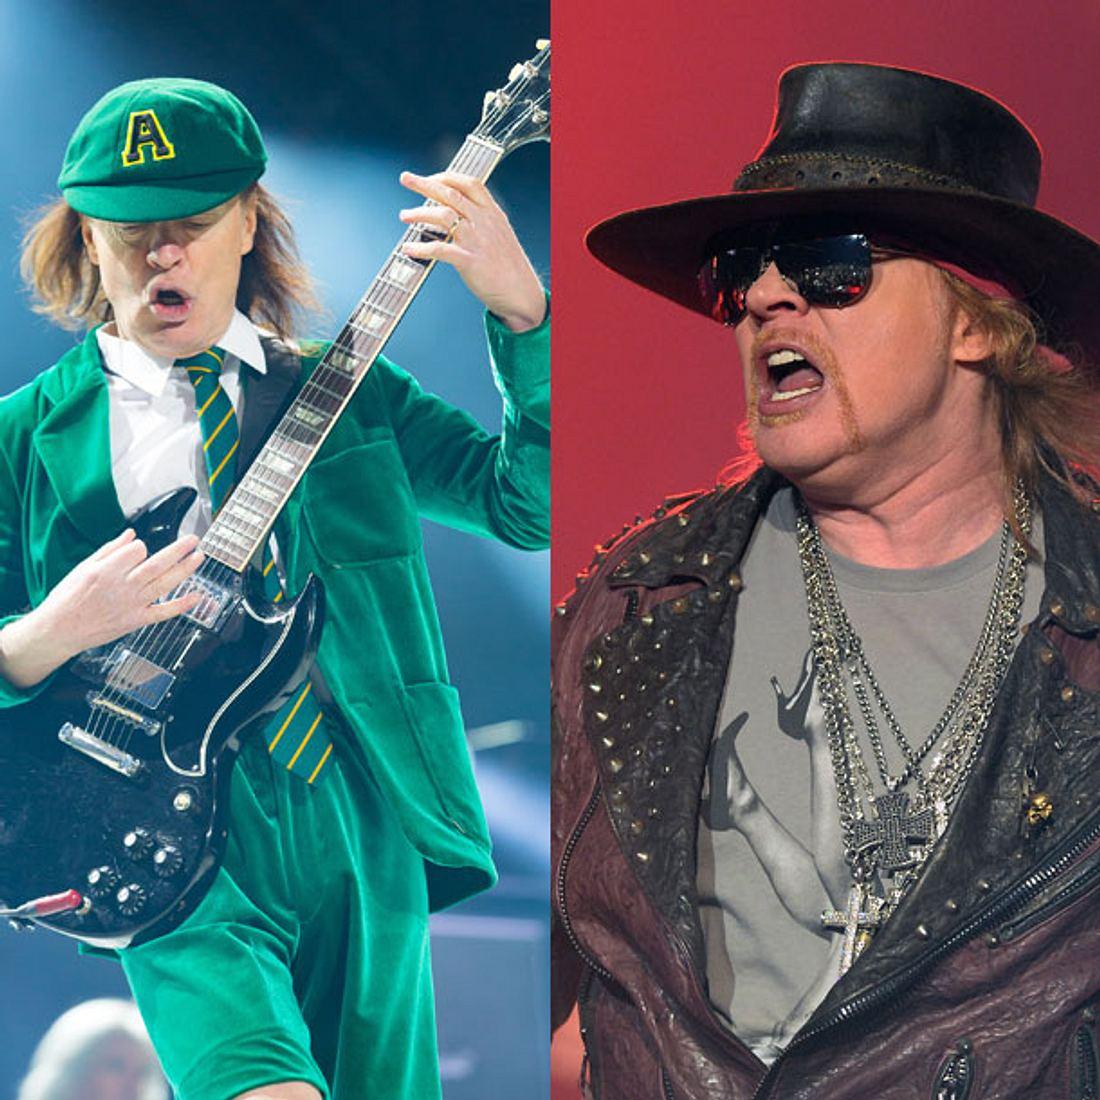 AC/DC meets Guns 'n' Roses?